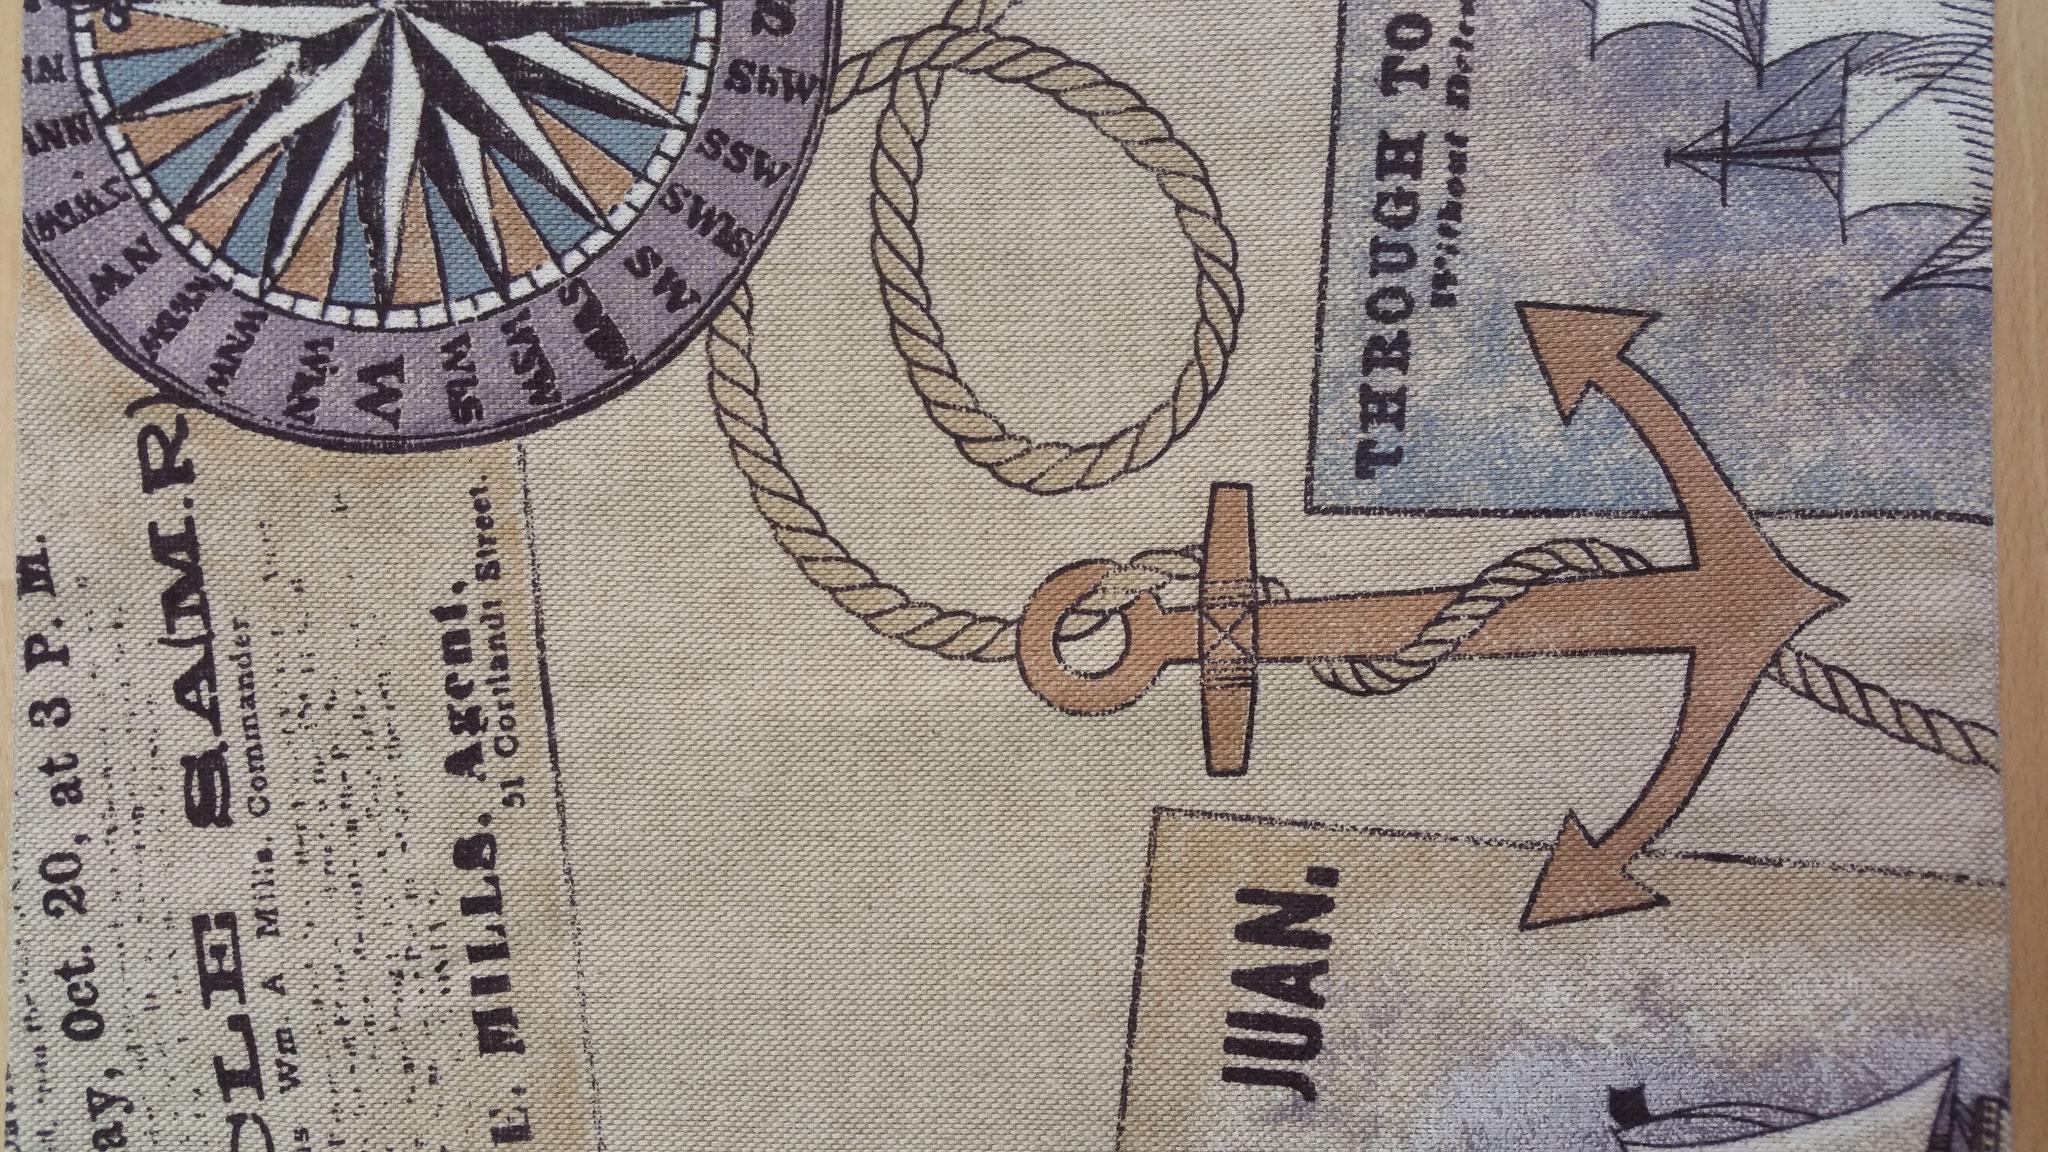 Tischset braun bläulich mit Nordstern Anker und Postkartenmotiven 38 x 29 cm uf Anfrage